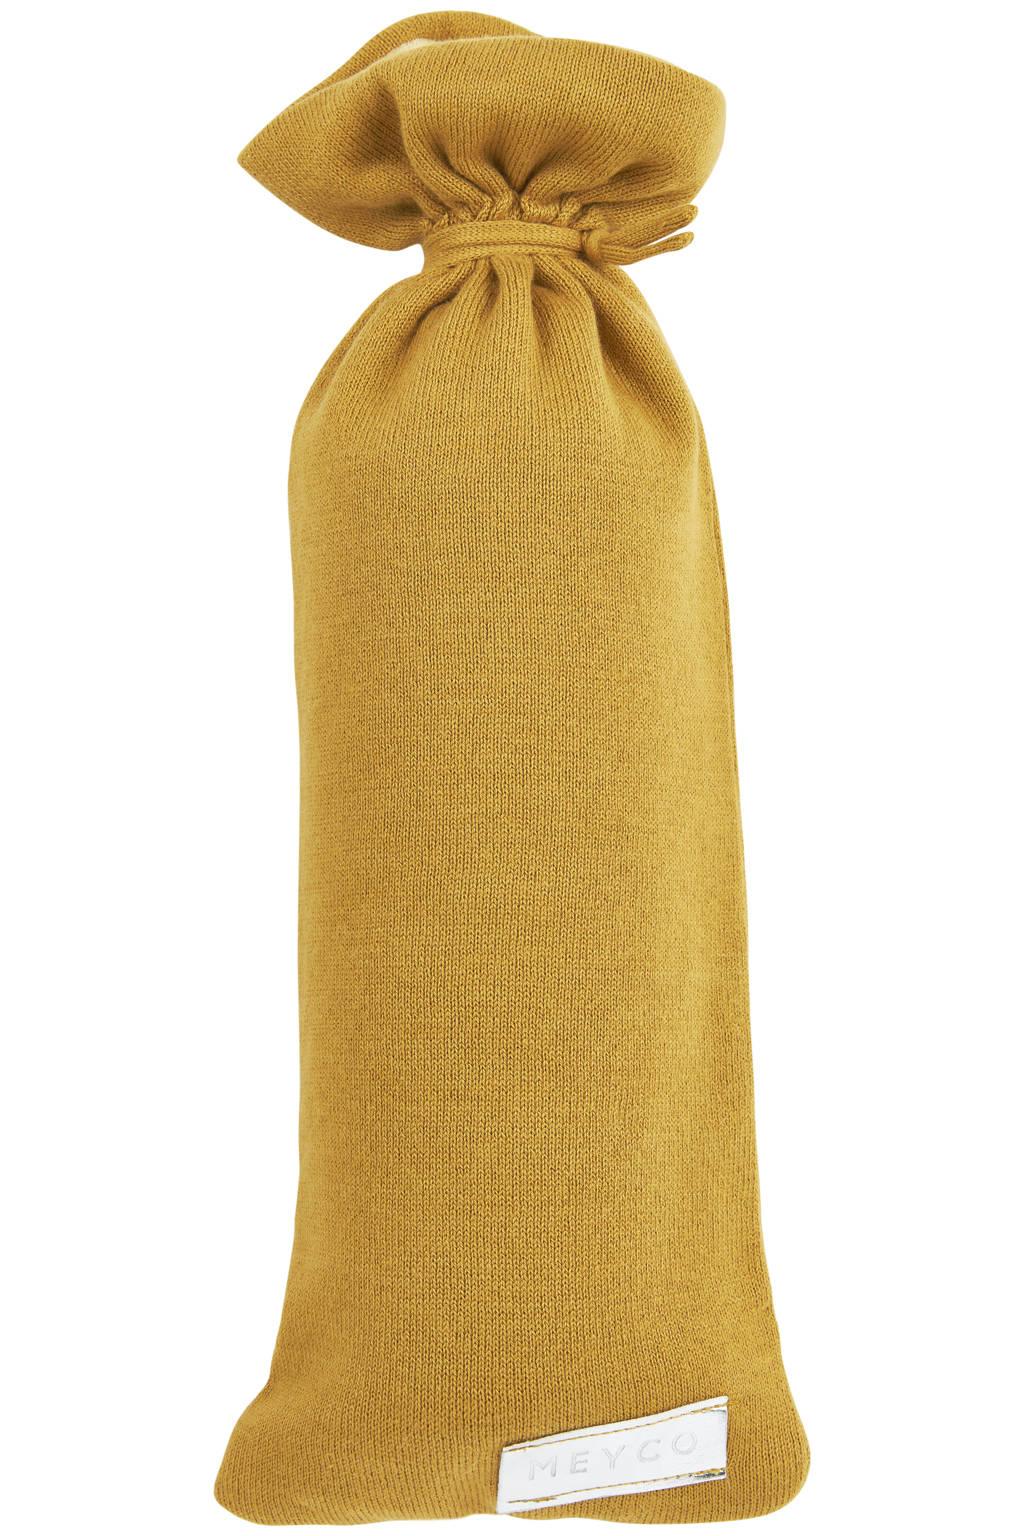 Meyco kruikenzak Knit basic honey gold, Goud